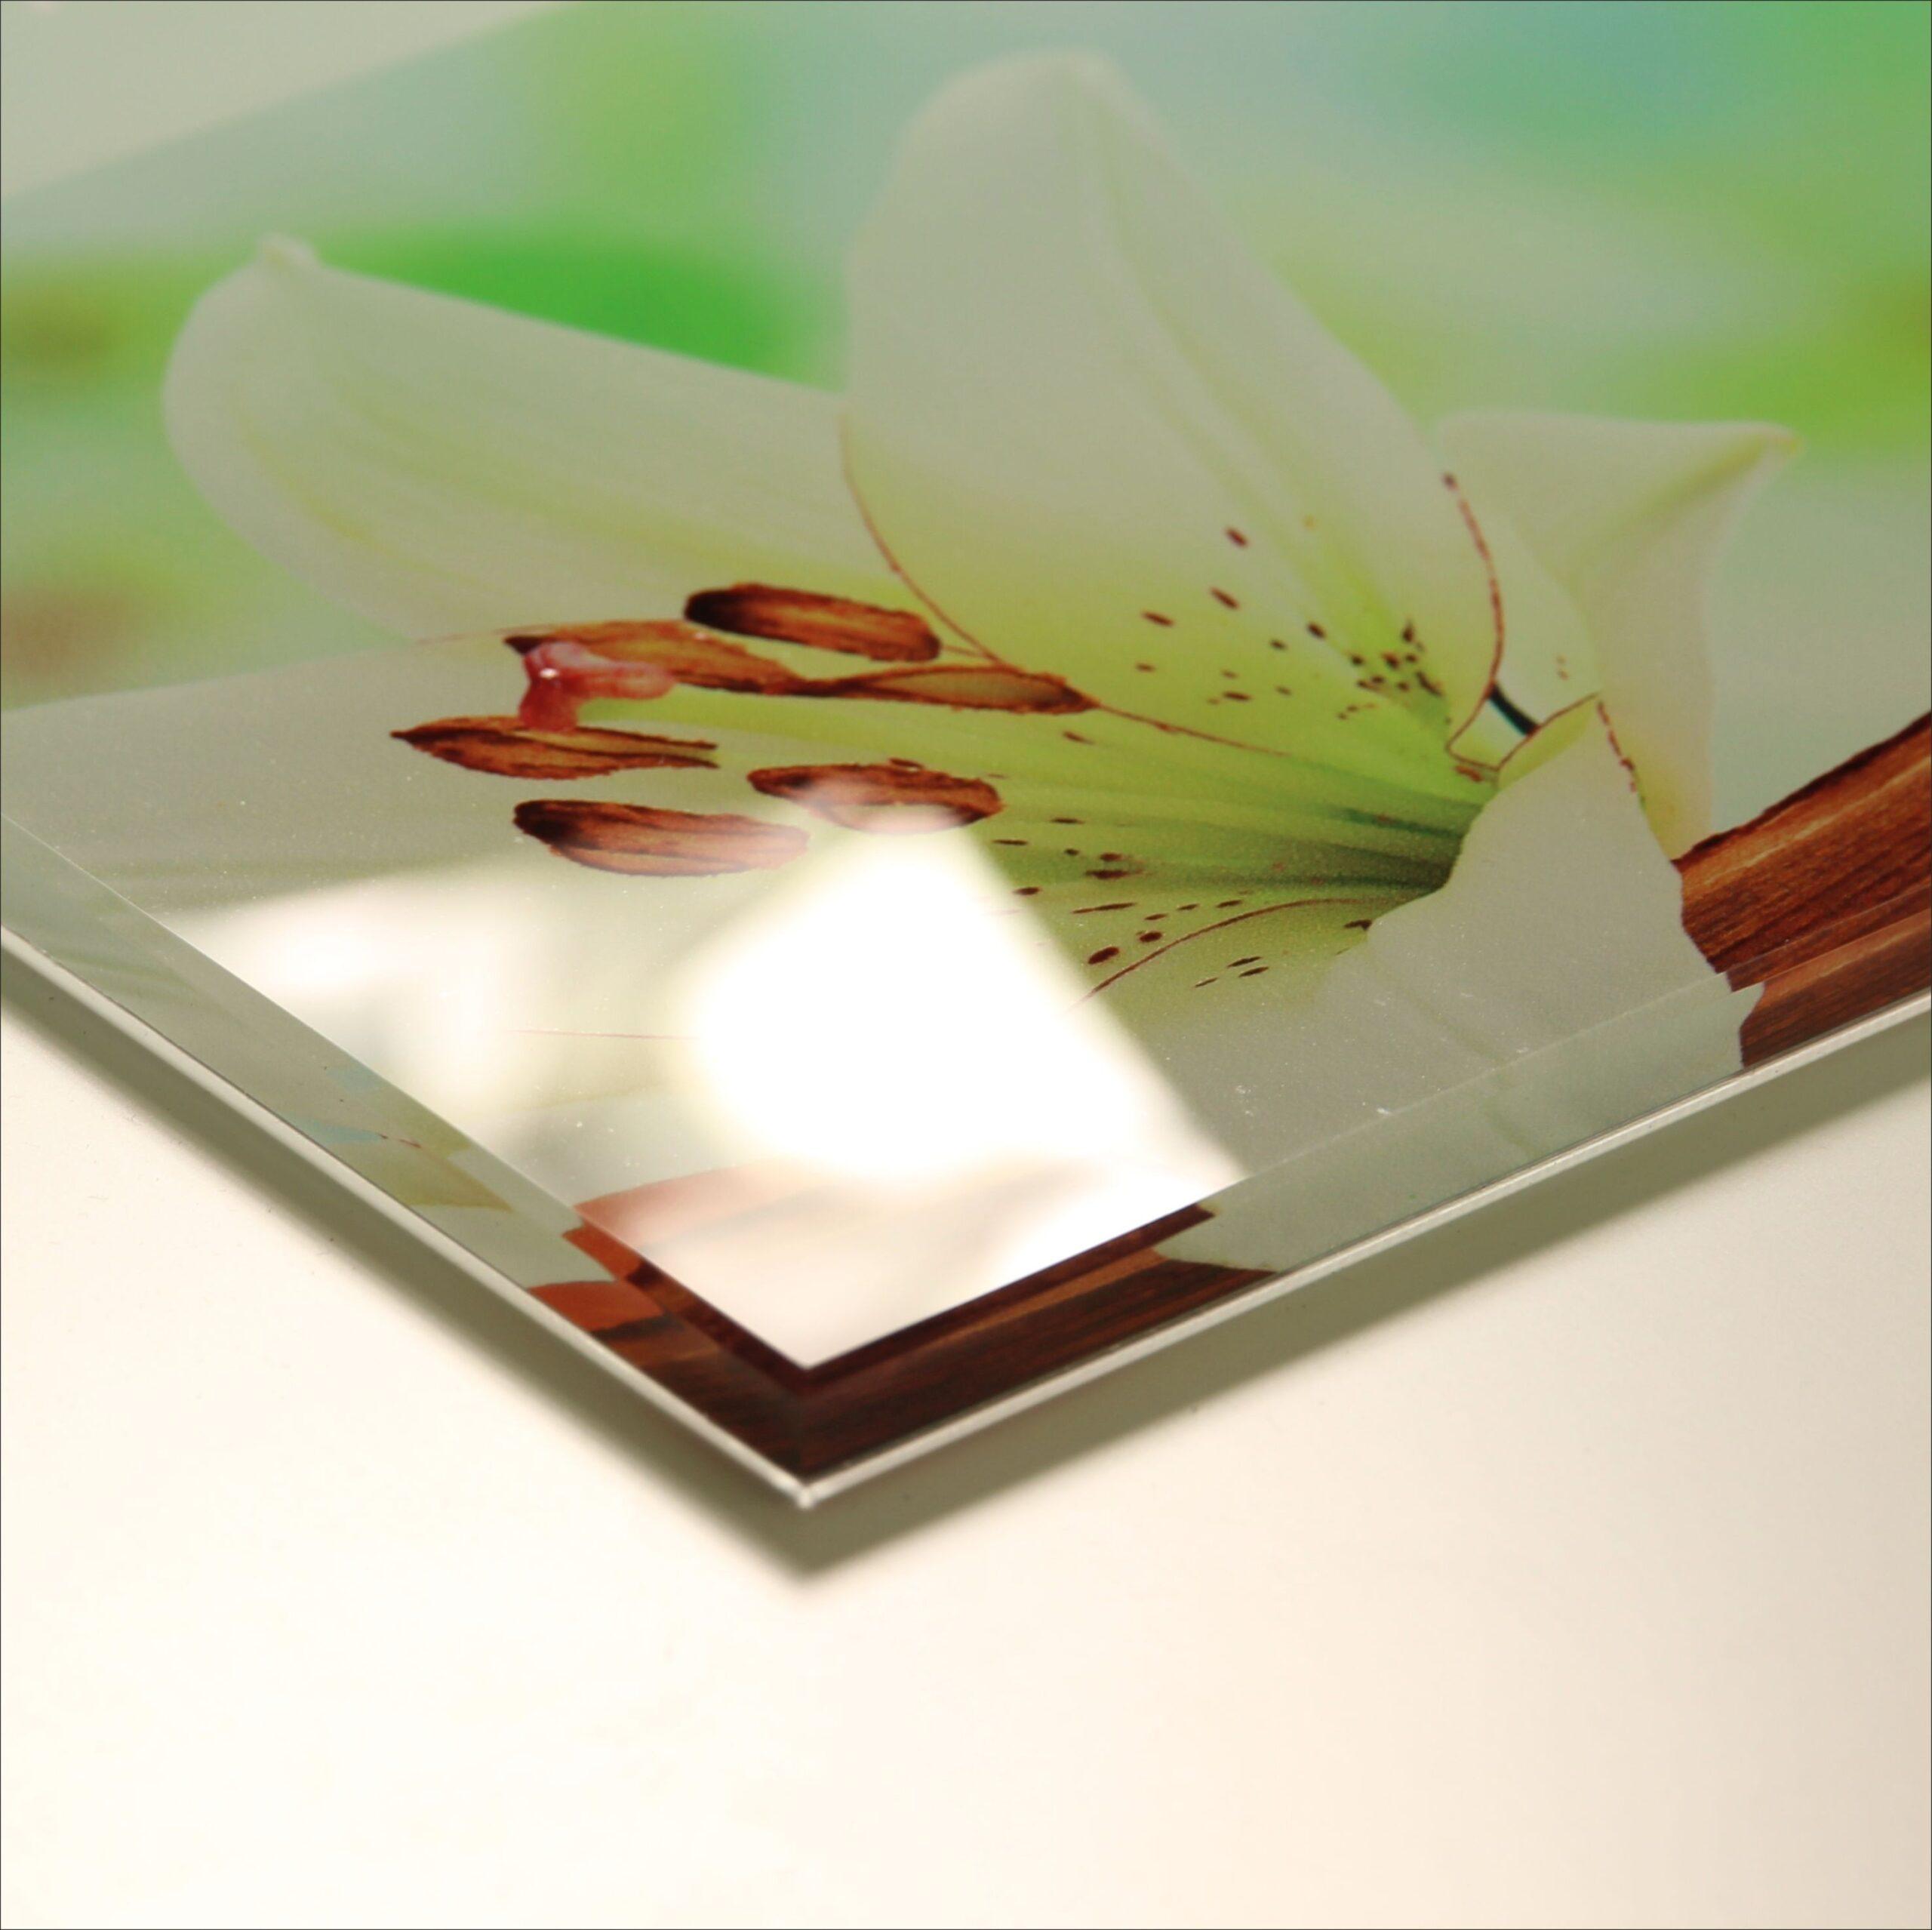 Full Size of Glasbild 120x50 Led Beleuchtete Kchenrckwand Aus Esg Glas Glasbilder Küche Bad Wohnzimmer Glasbild 120x50